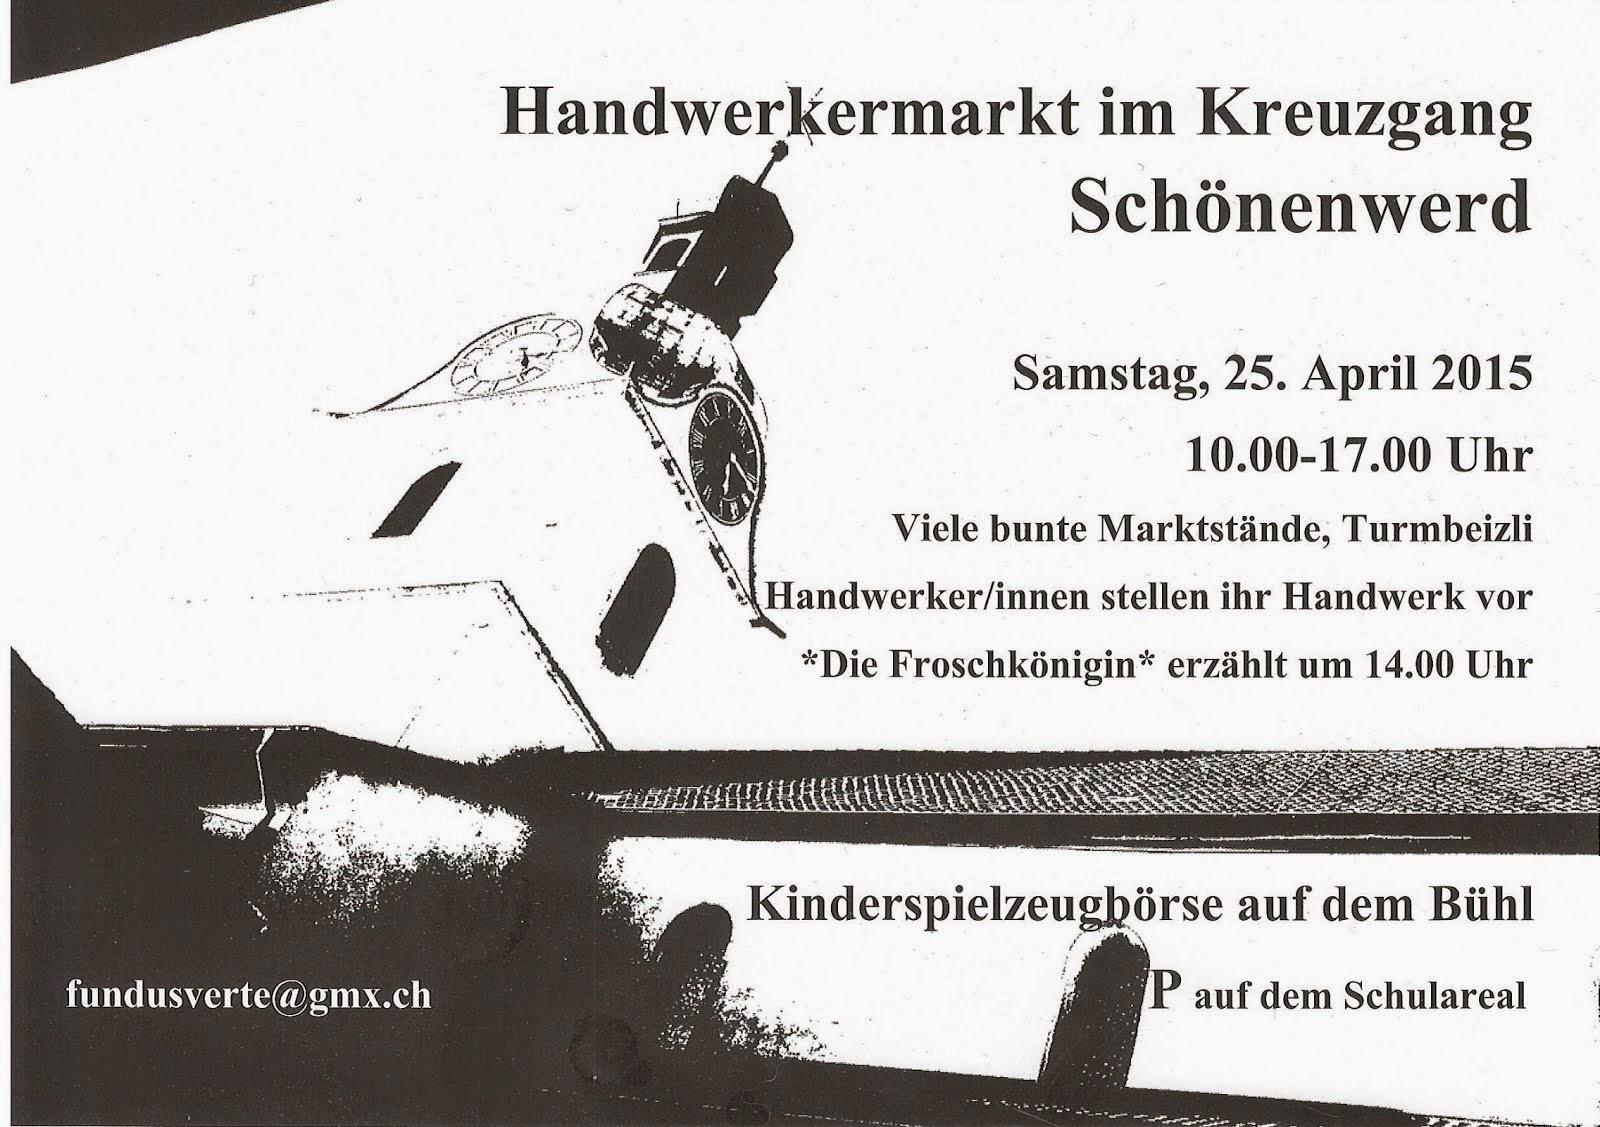 Handwerkermarkt 25. 4. 2015 in Schönenwerd